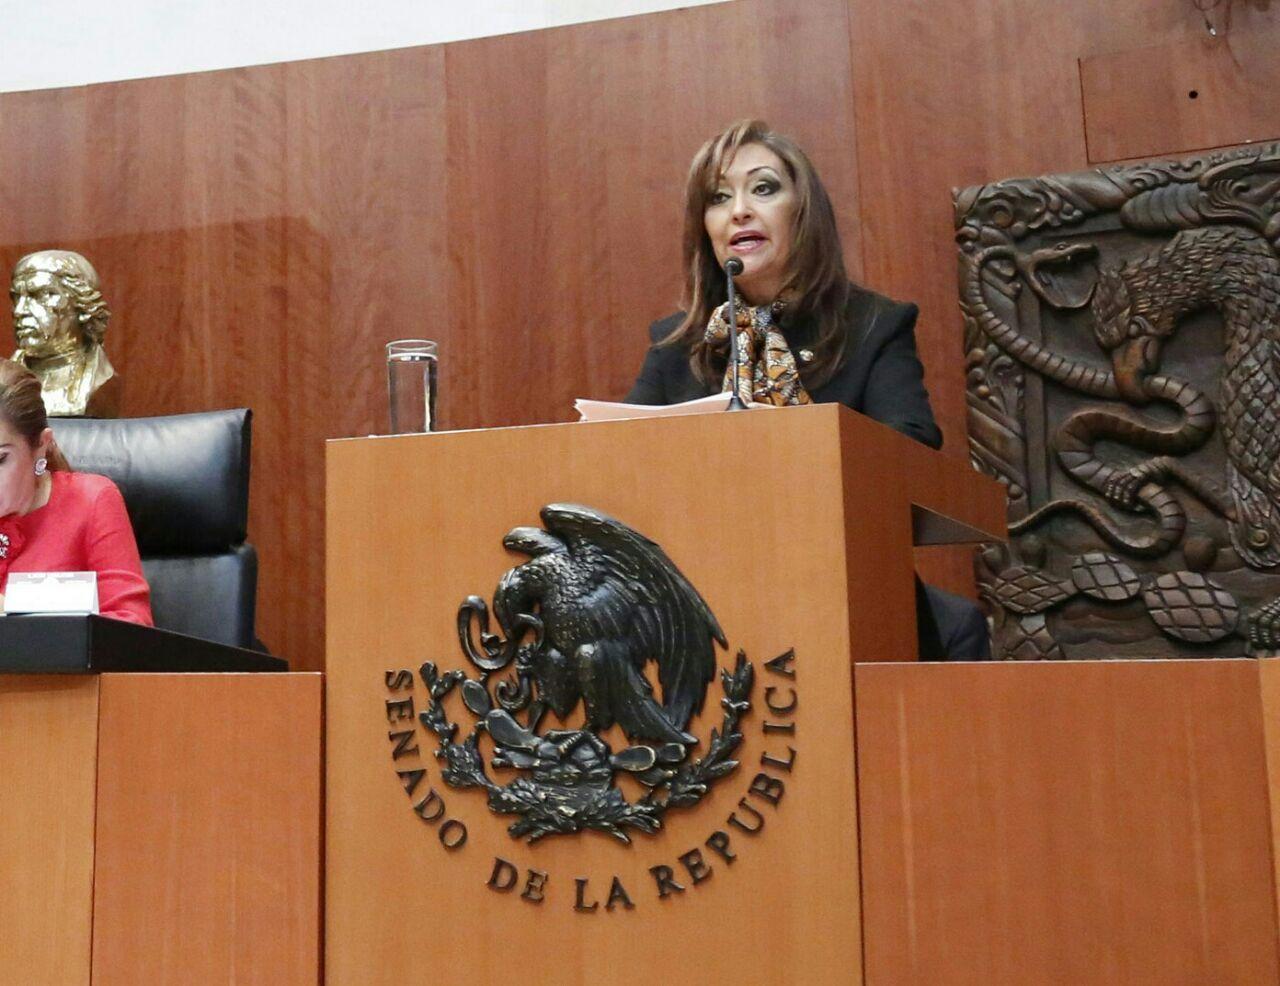 Se alcanzó el voto para la mujer pero la violencia persiste: LCC